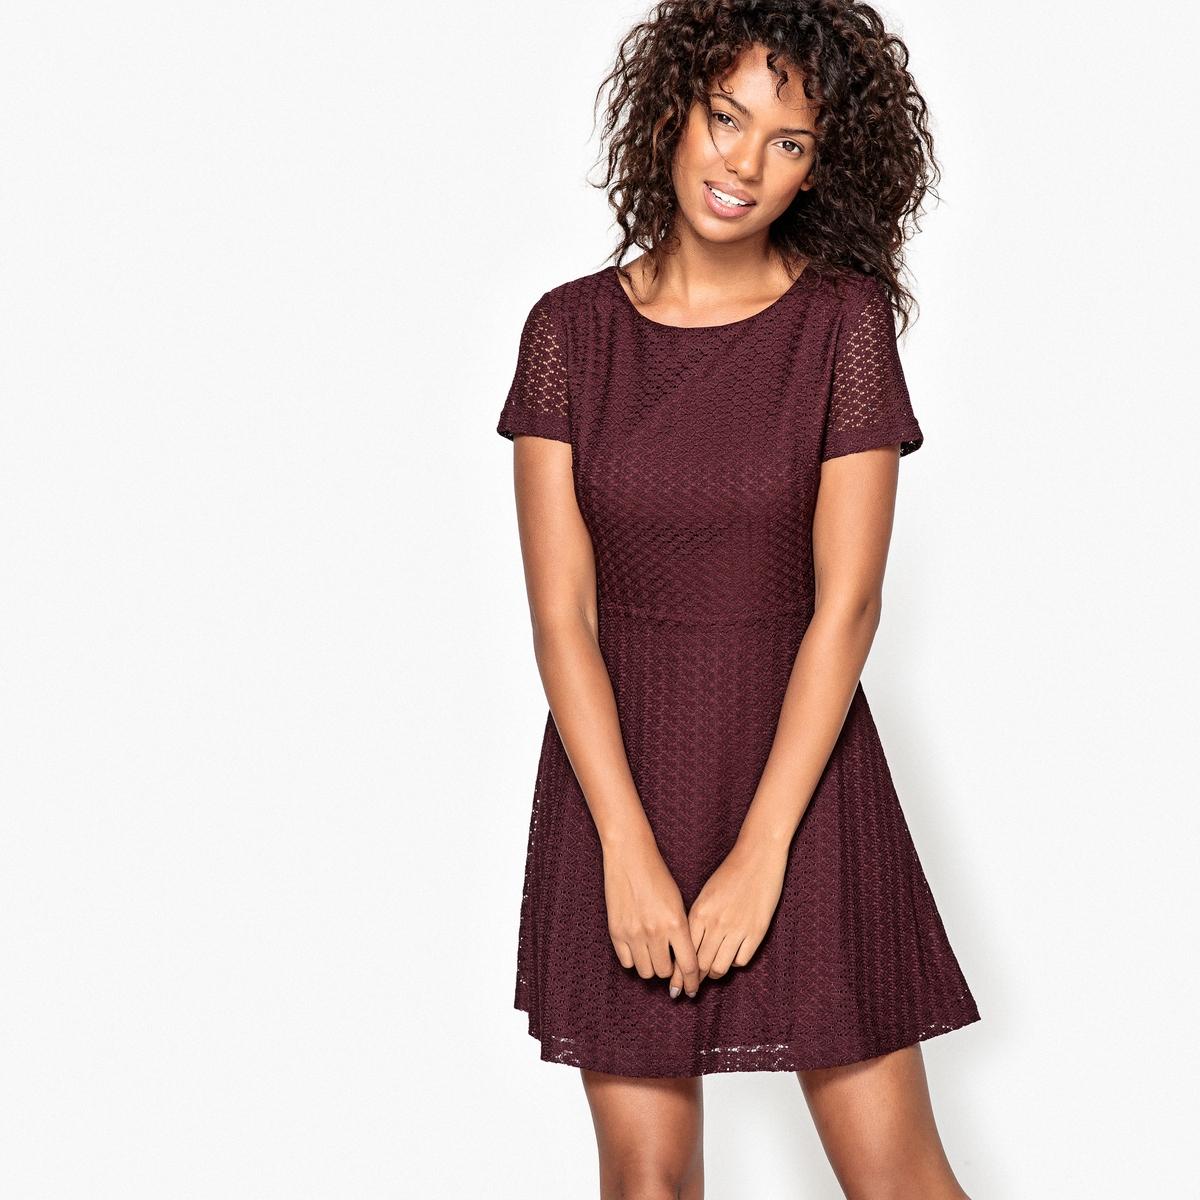 Платье короткое, рукава короткиеДетали •  Форма : расклешенная •  короткое  •  Короткие рукава    •  Круглый вырезСостав и уход •  100% бамбук •  Подкладка  : 100% полиэстер •  Следуйте советам по уходу, указанным на этикетке<br><br>Цвет: бордовый<br>Размер: L